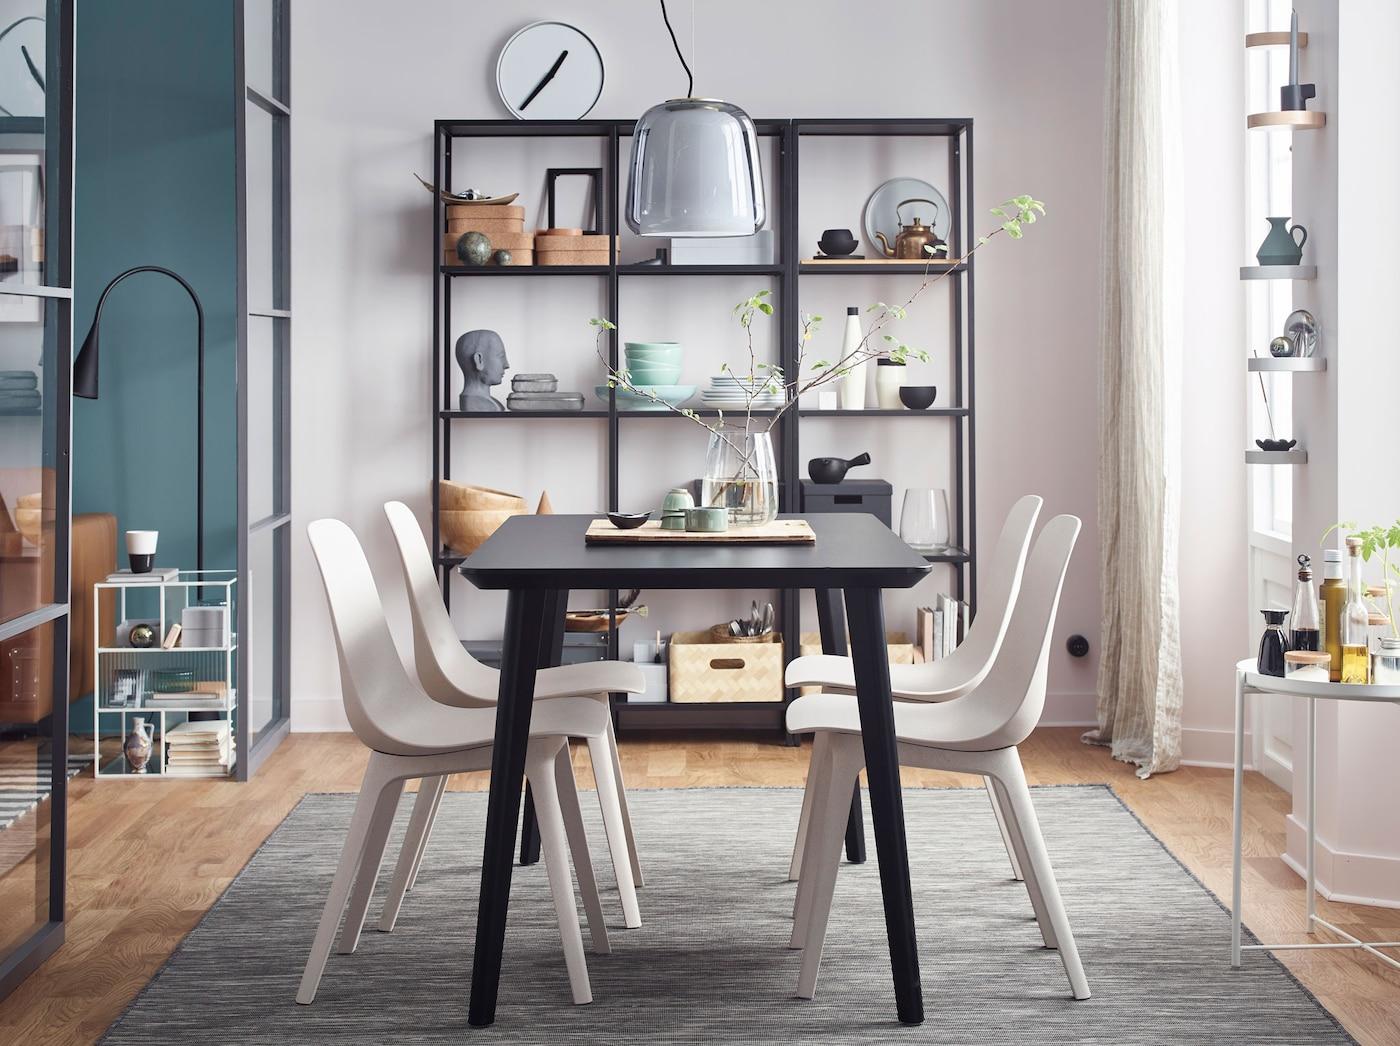 O segredo de um espaço de refeição cheio de estilo? Ícones de design, como as premiadas cadeiras ODGER em plástico reciclado e uma mesa LISABO em preto.